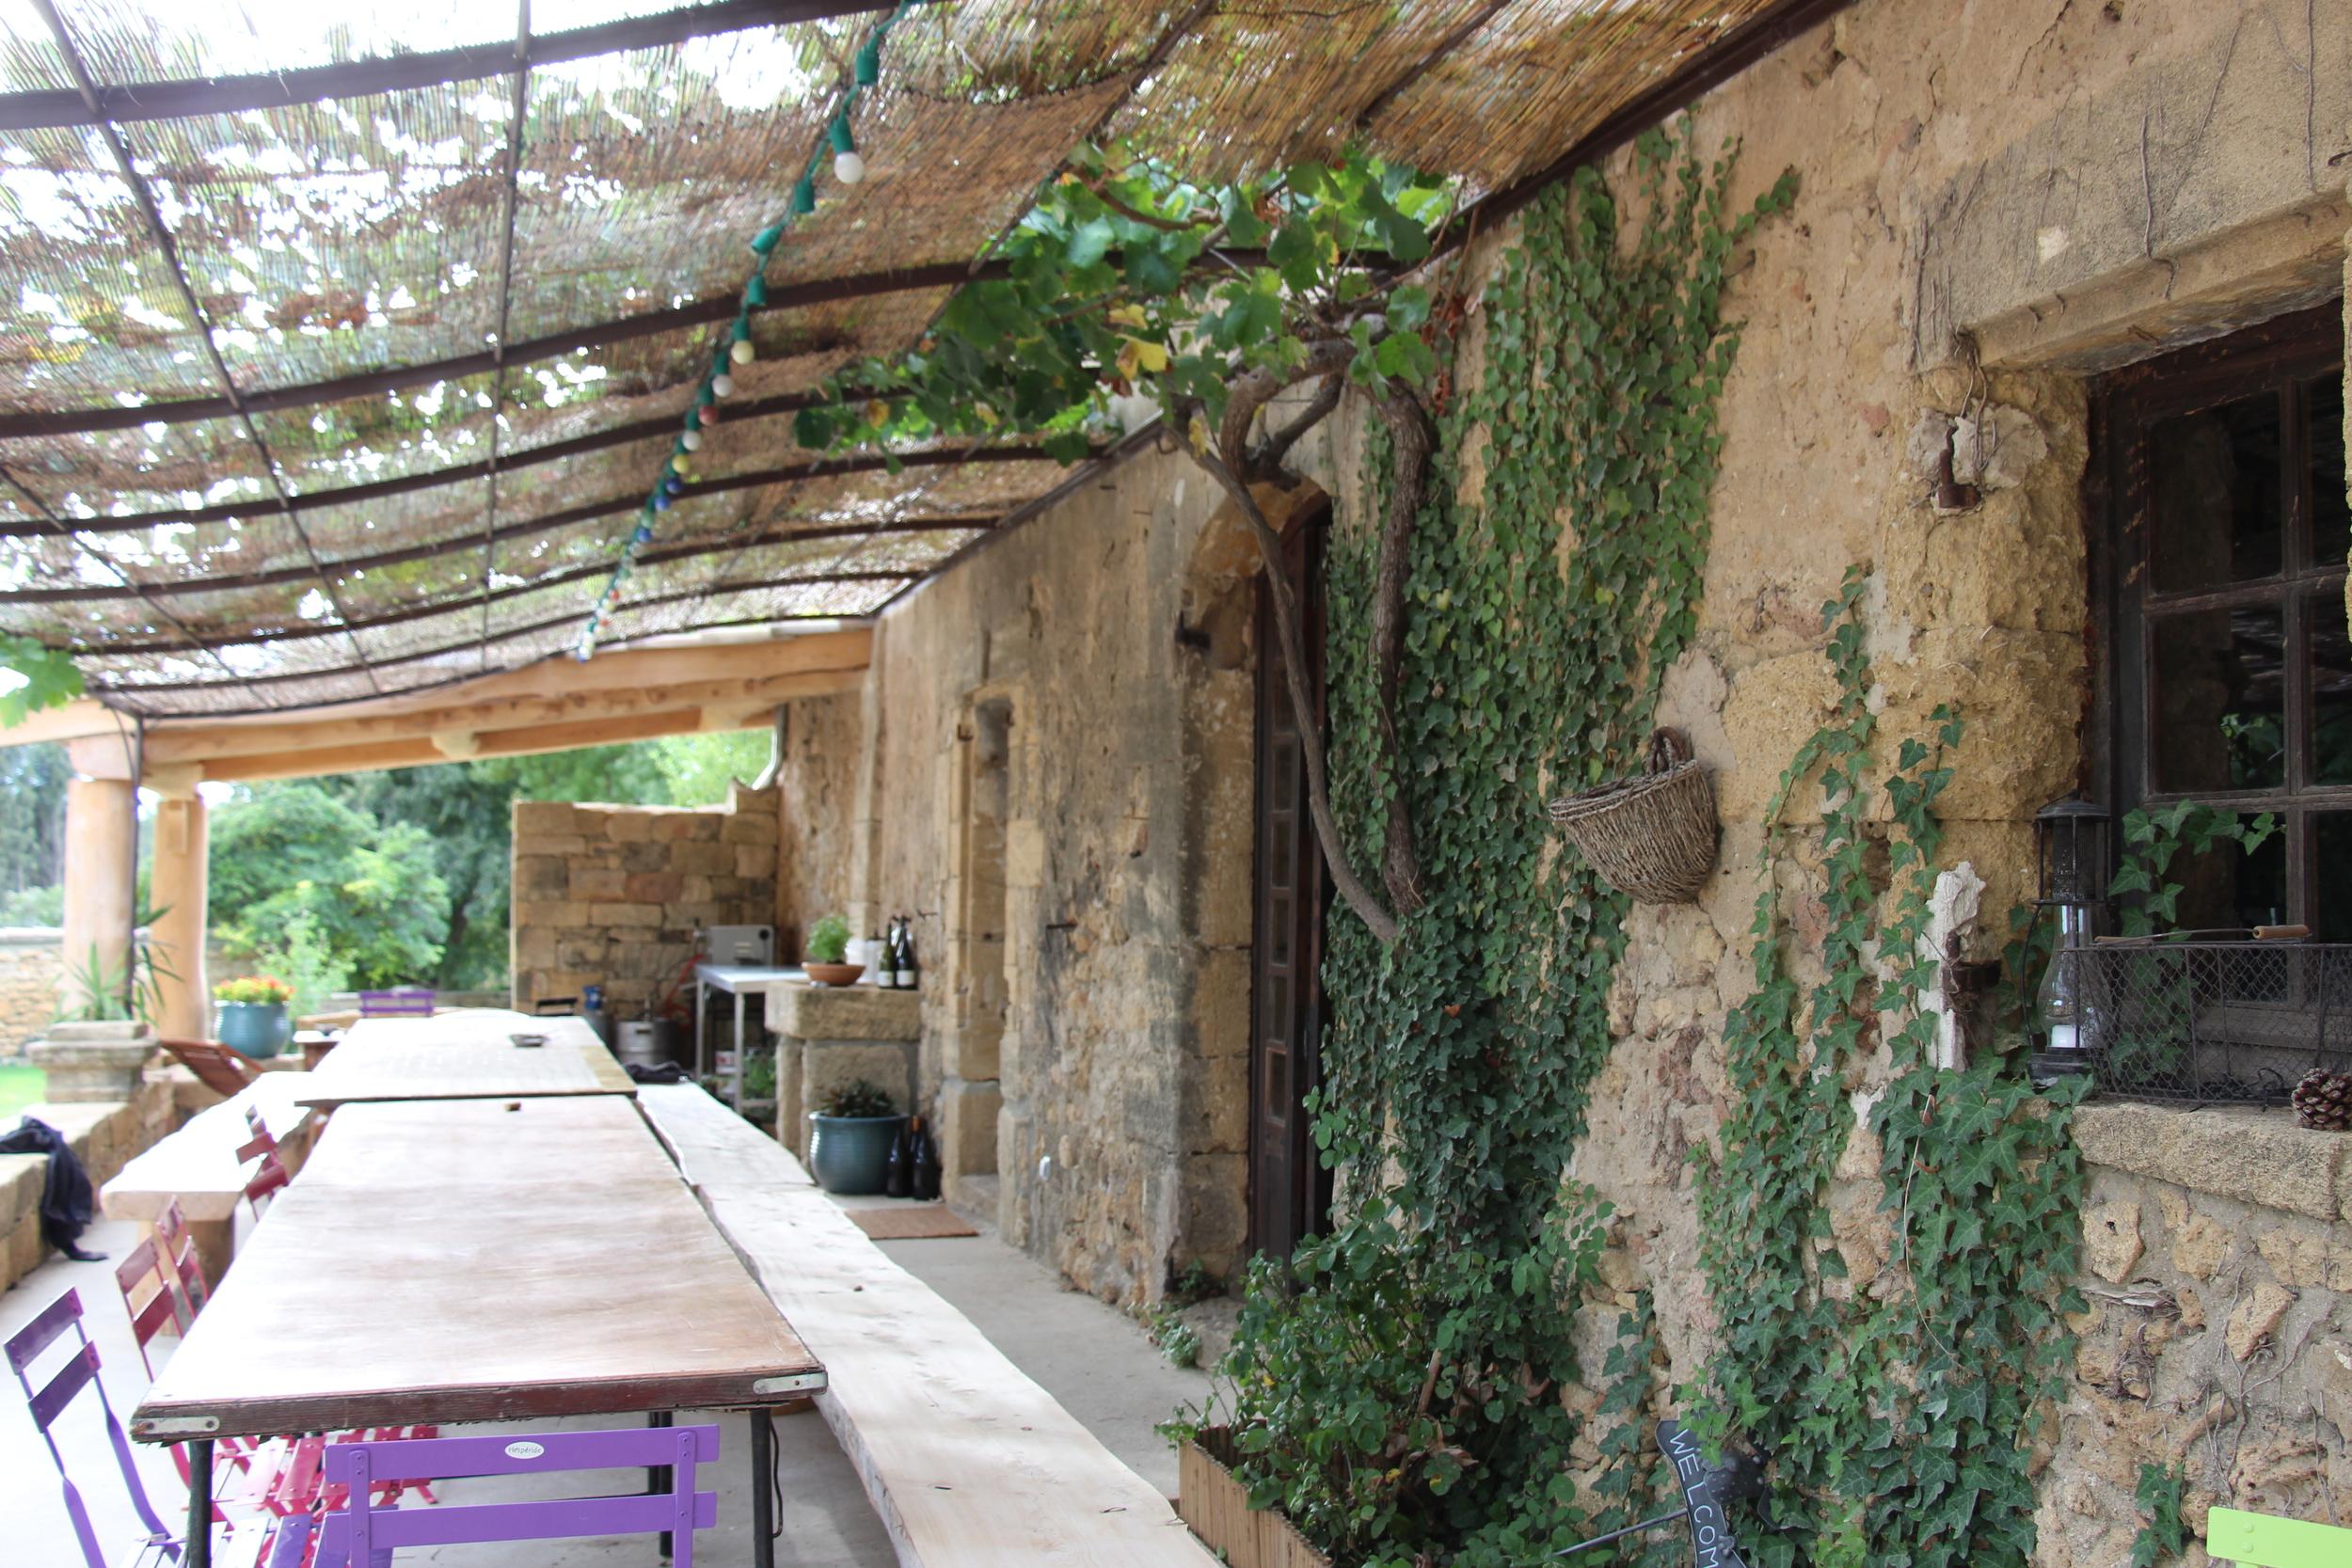 Farm table, Domaine de Sulauze, Côteaux d'Aix-en-Provence, France